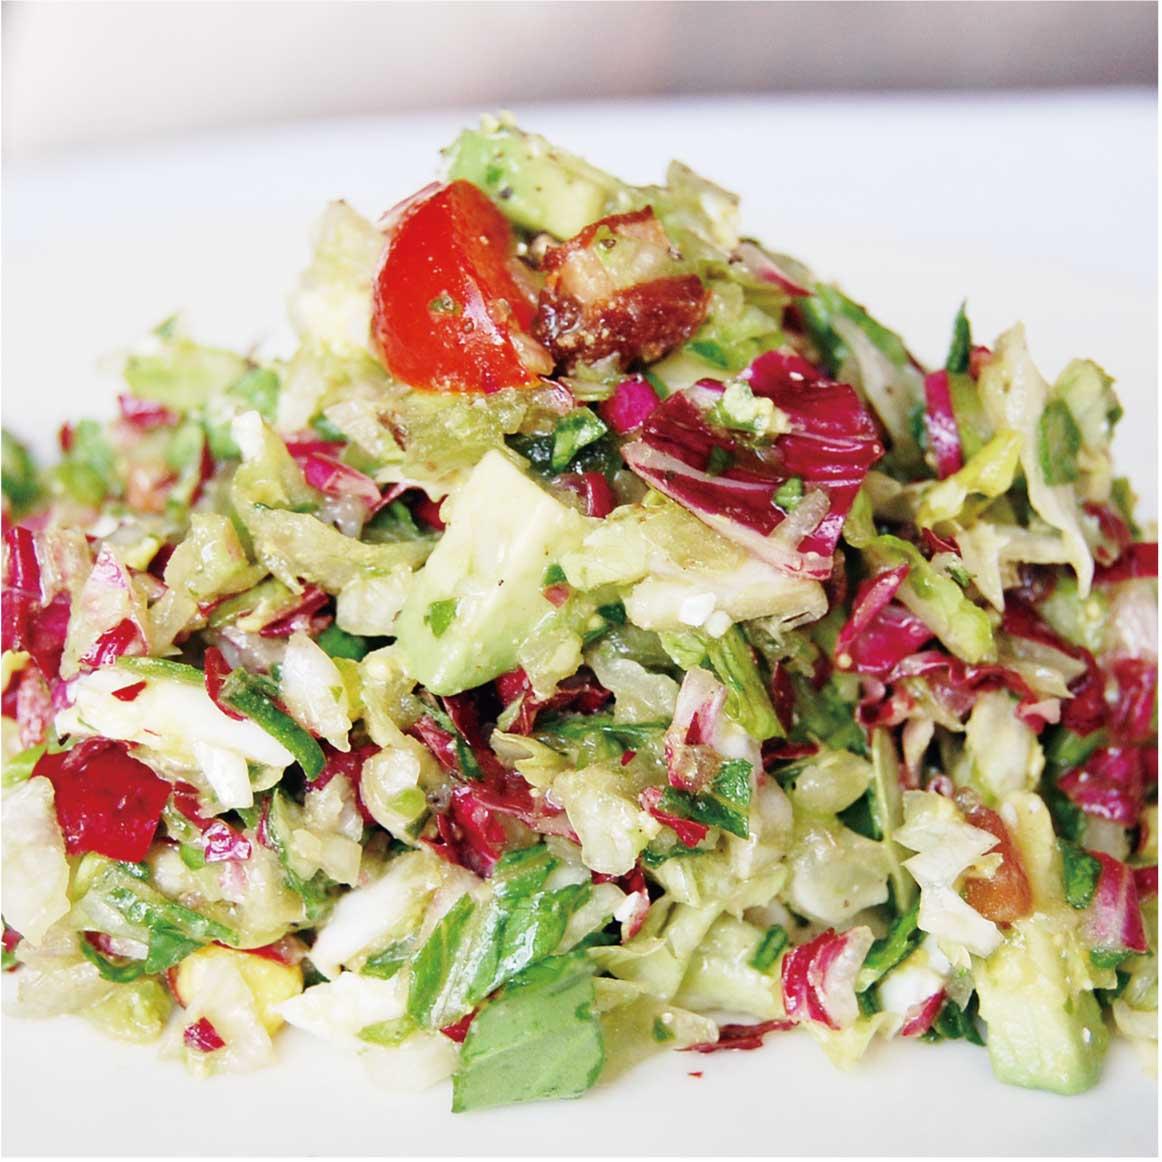 【食】チョップドサラダで「ヘルシーで健康的なファストフード」ランチ(2017年6月号)